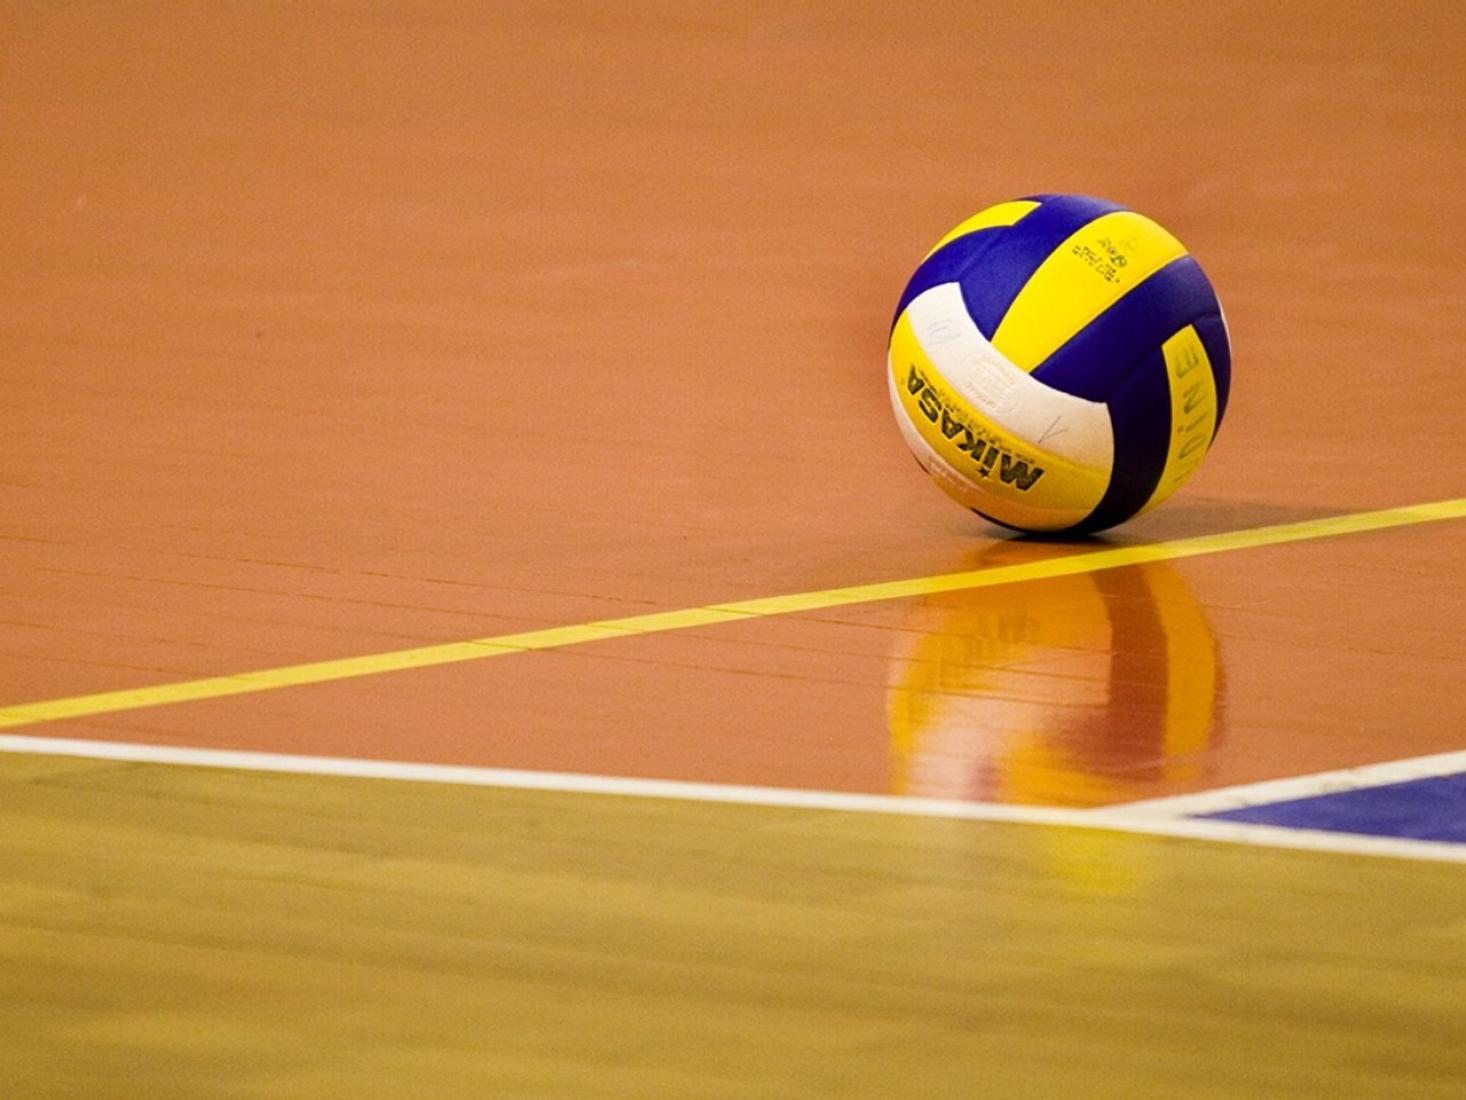 Mondial de volley: La Tunisie débute par une défaite face au Cameroun